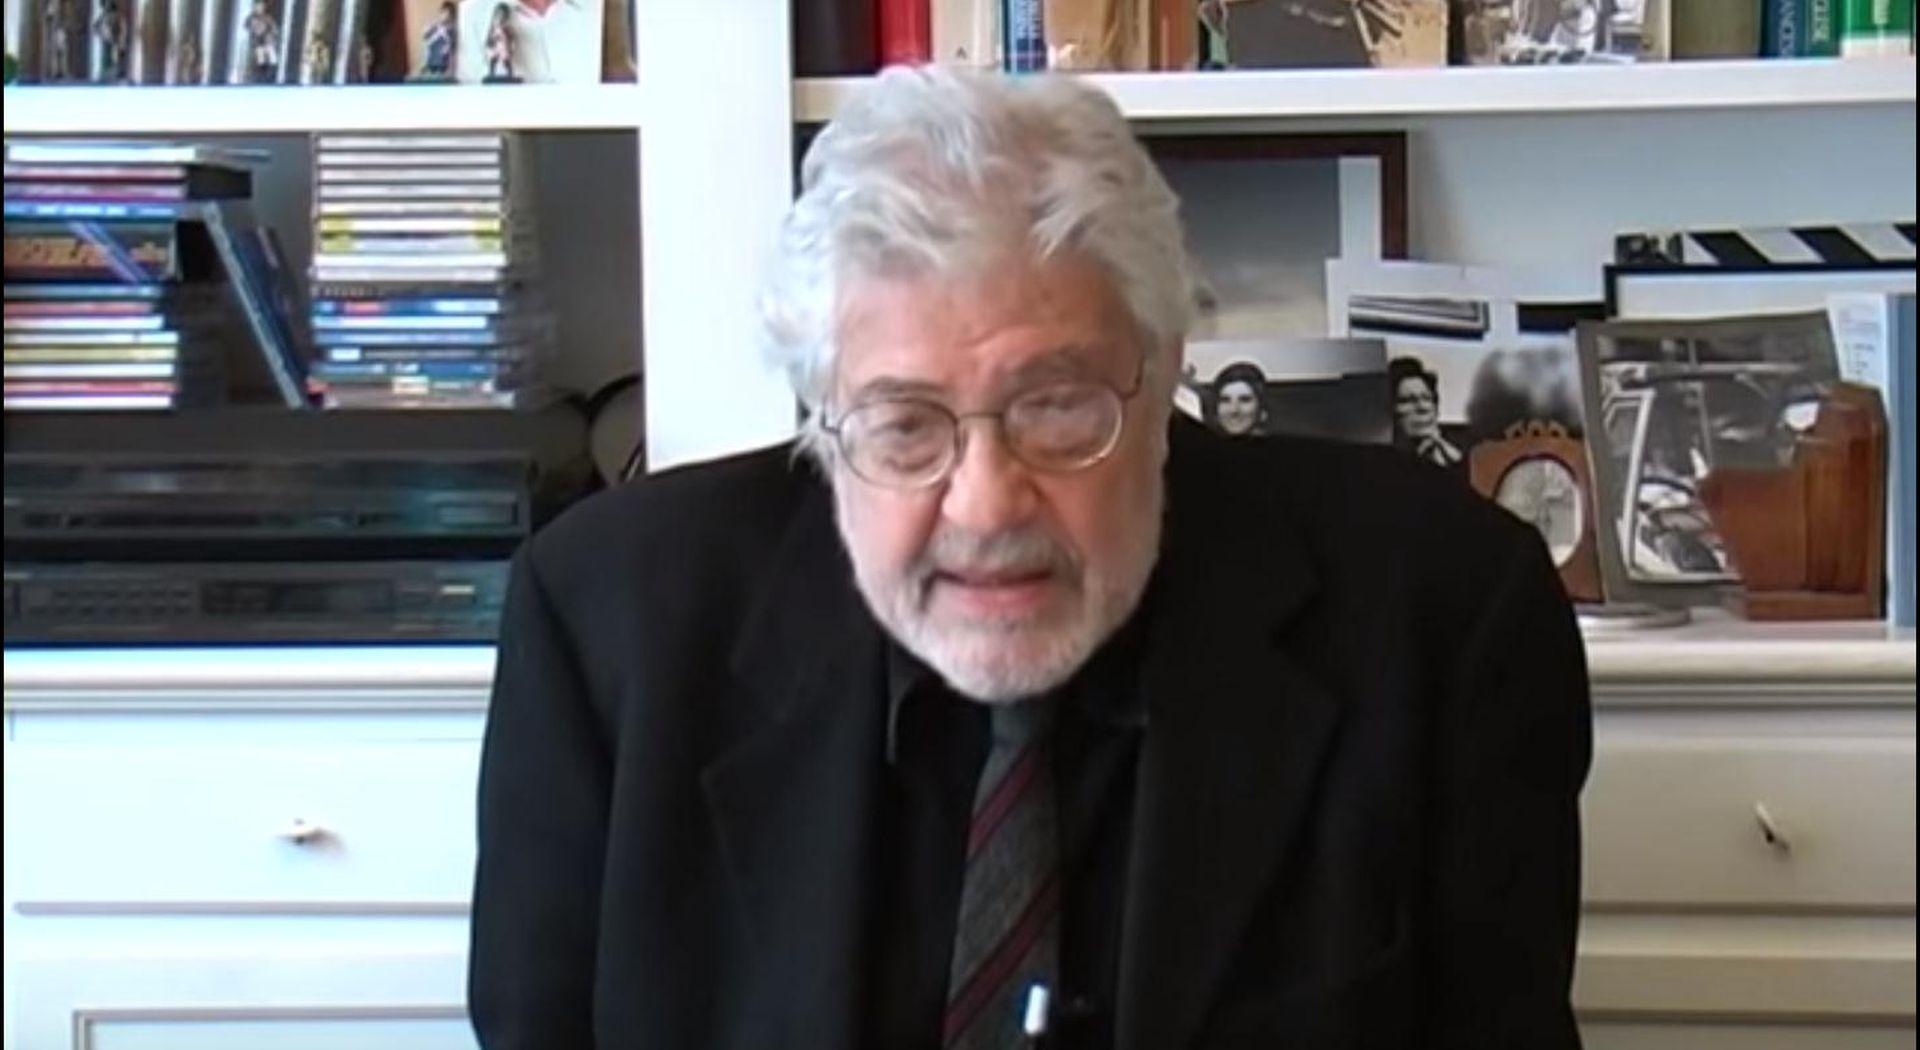 SLAVNI TALIJANSKI FILMAŠ U 84. godini preminuo Ettore Scola